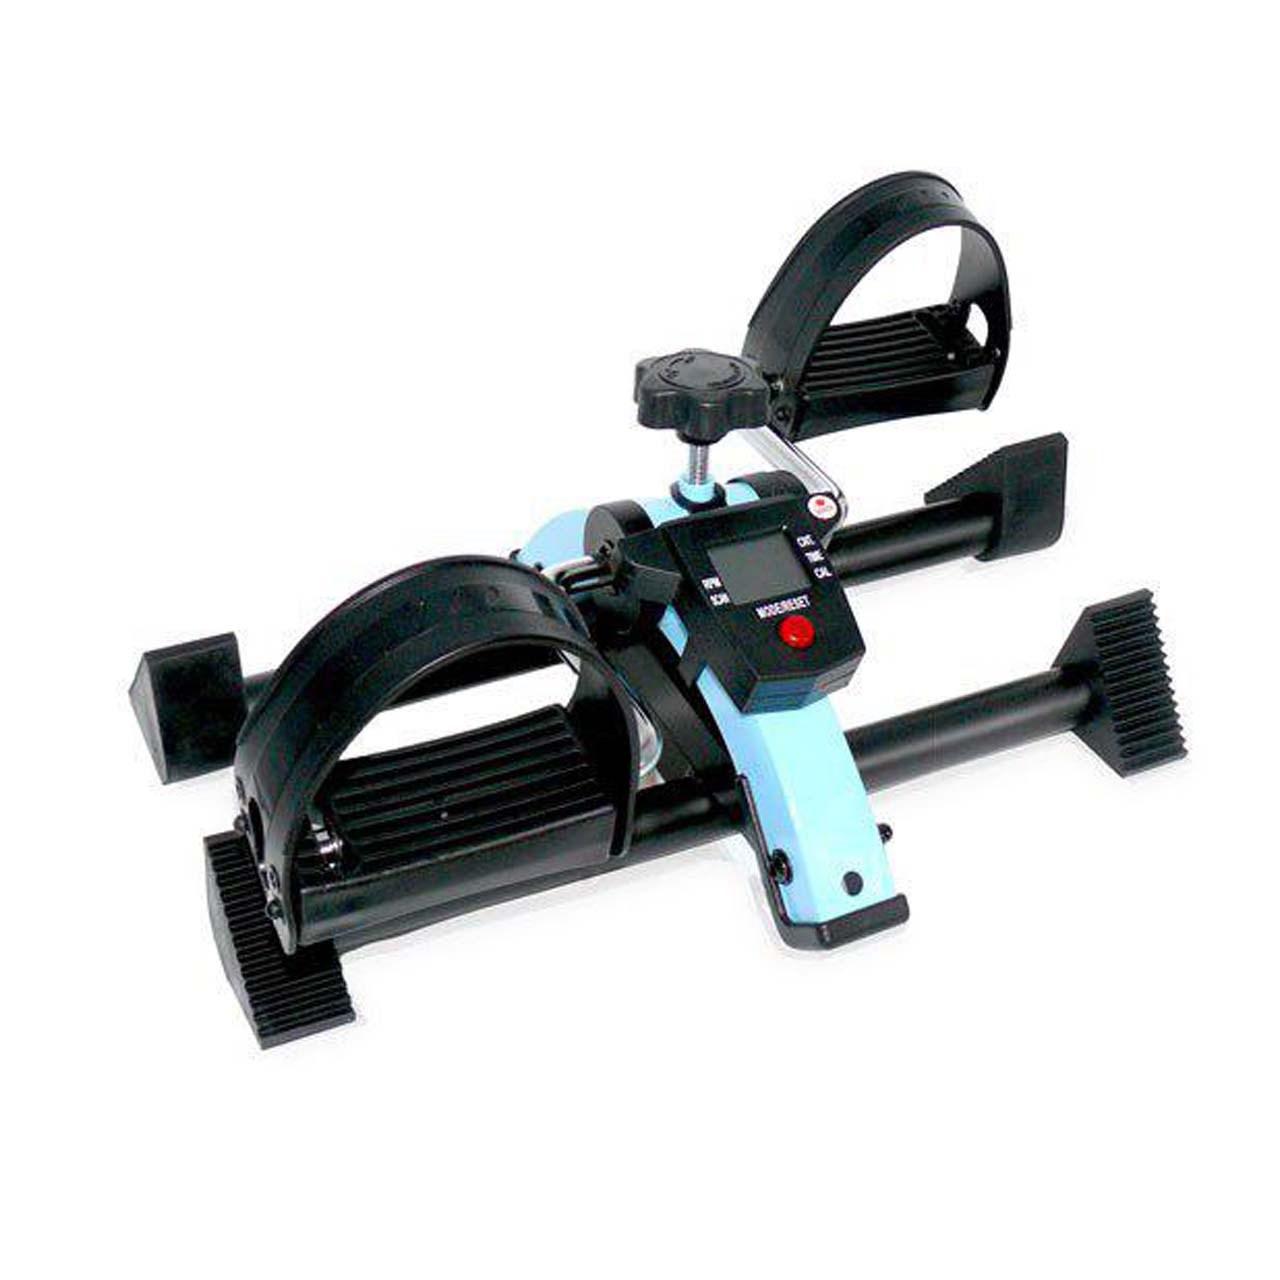 دوچرخه ثابت ATMED پایی مدل 3481